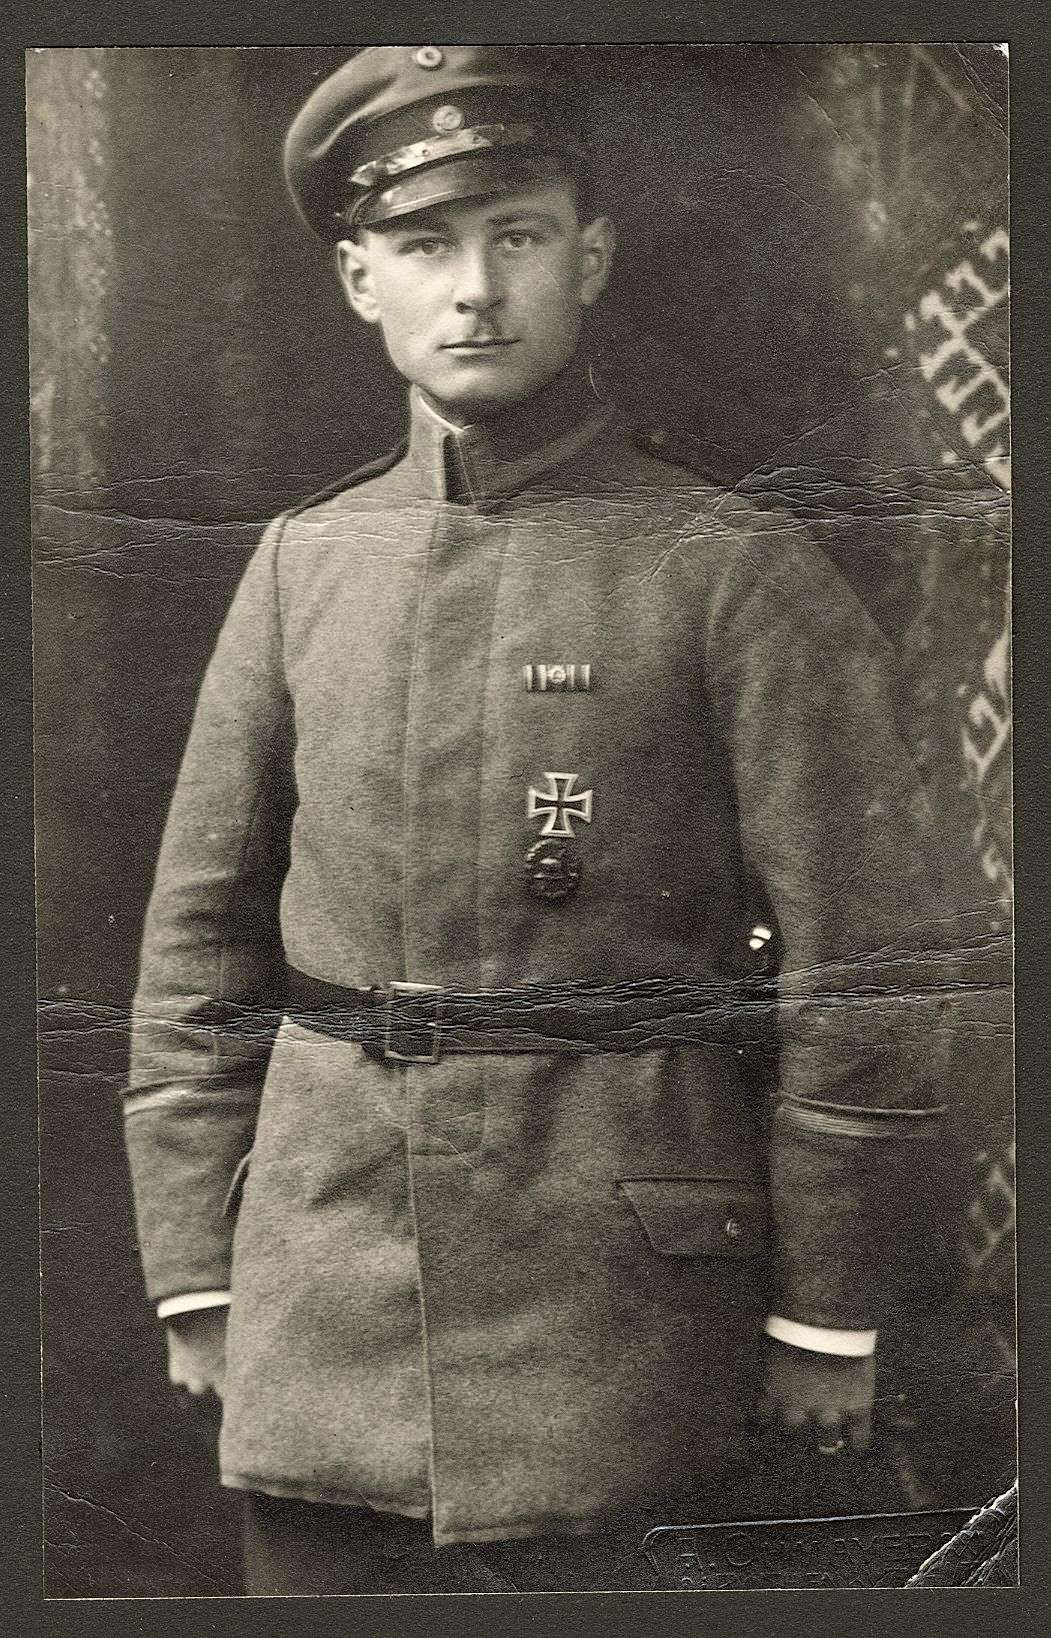 Moll, Wilhelm, Bild 1